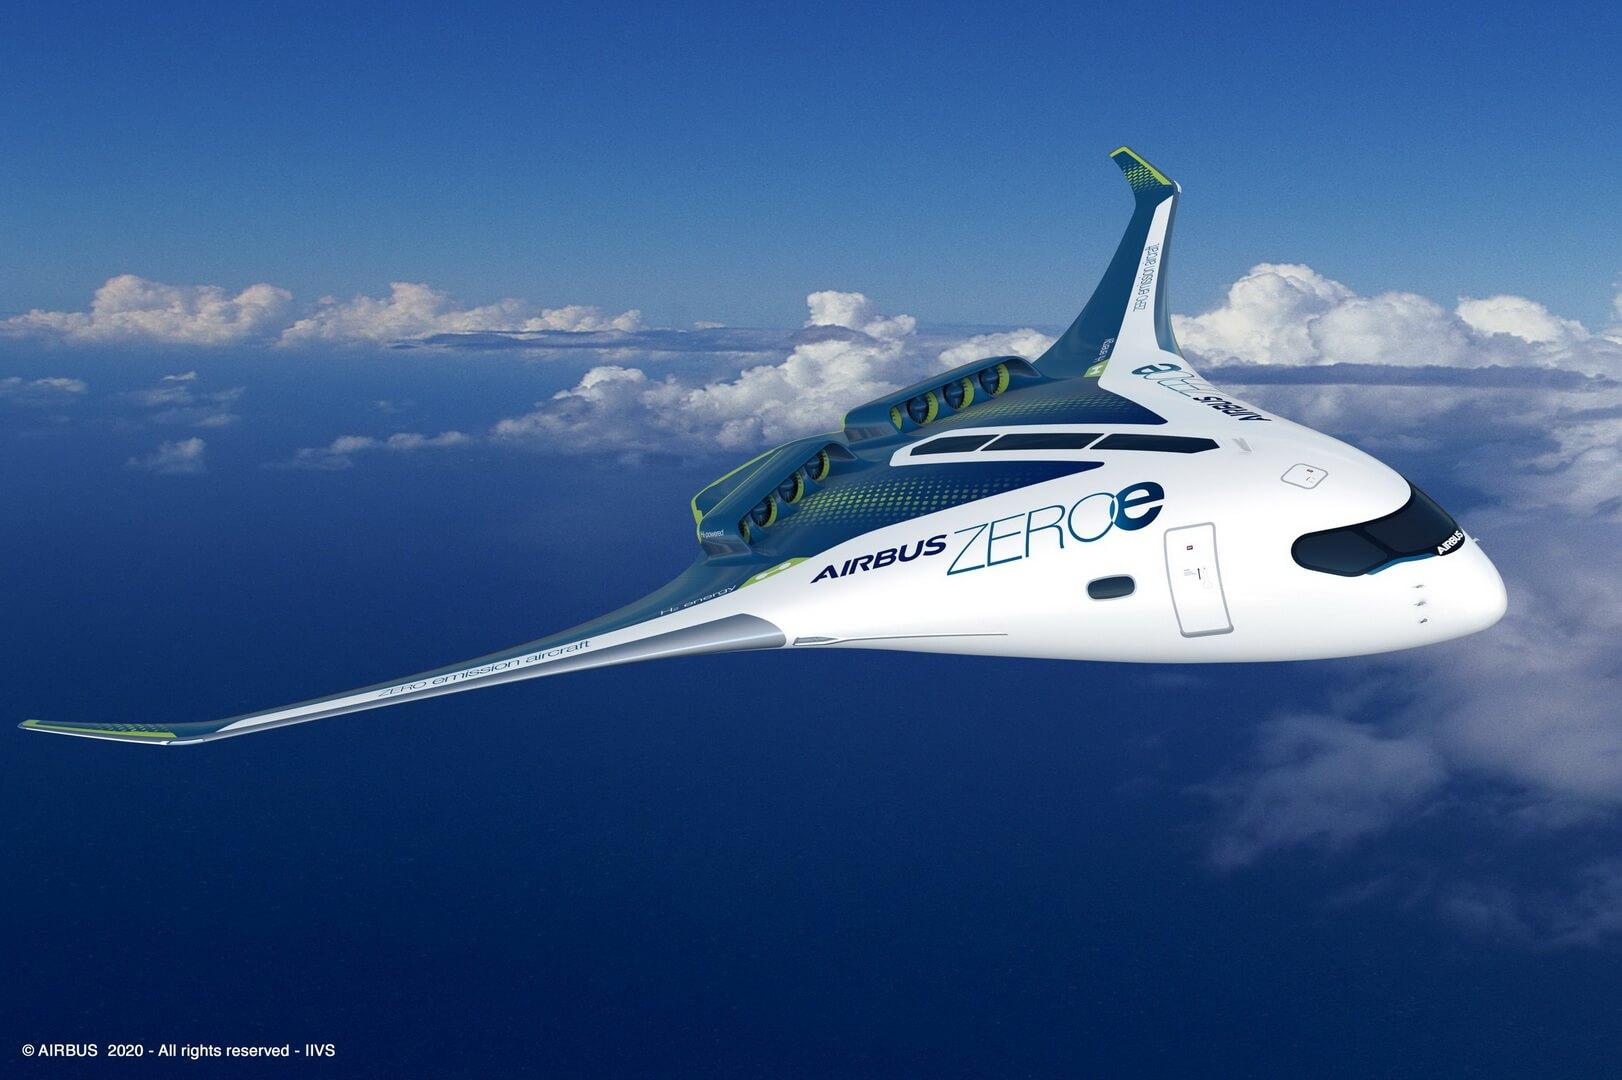 Концепт водородного самолета Airbus ZEROe «со смешанным крылом» вместимостью до200пассажиров